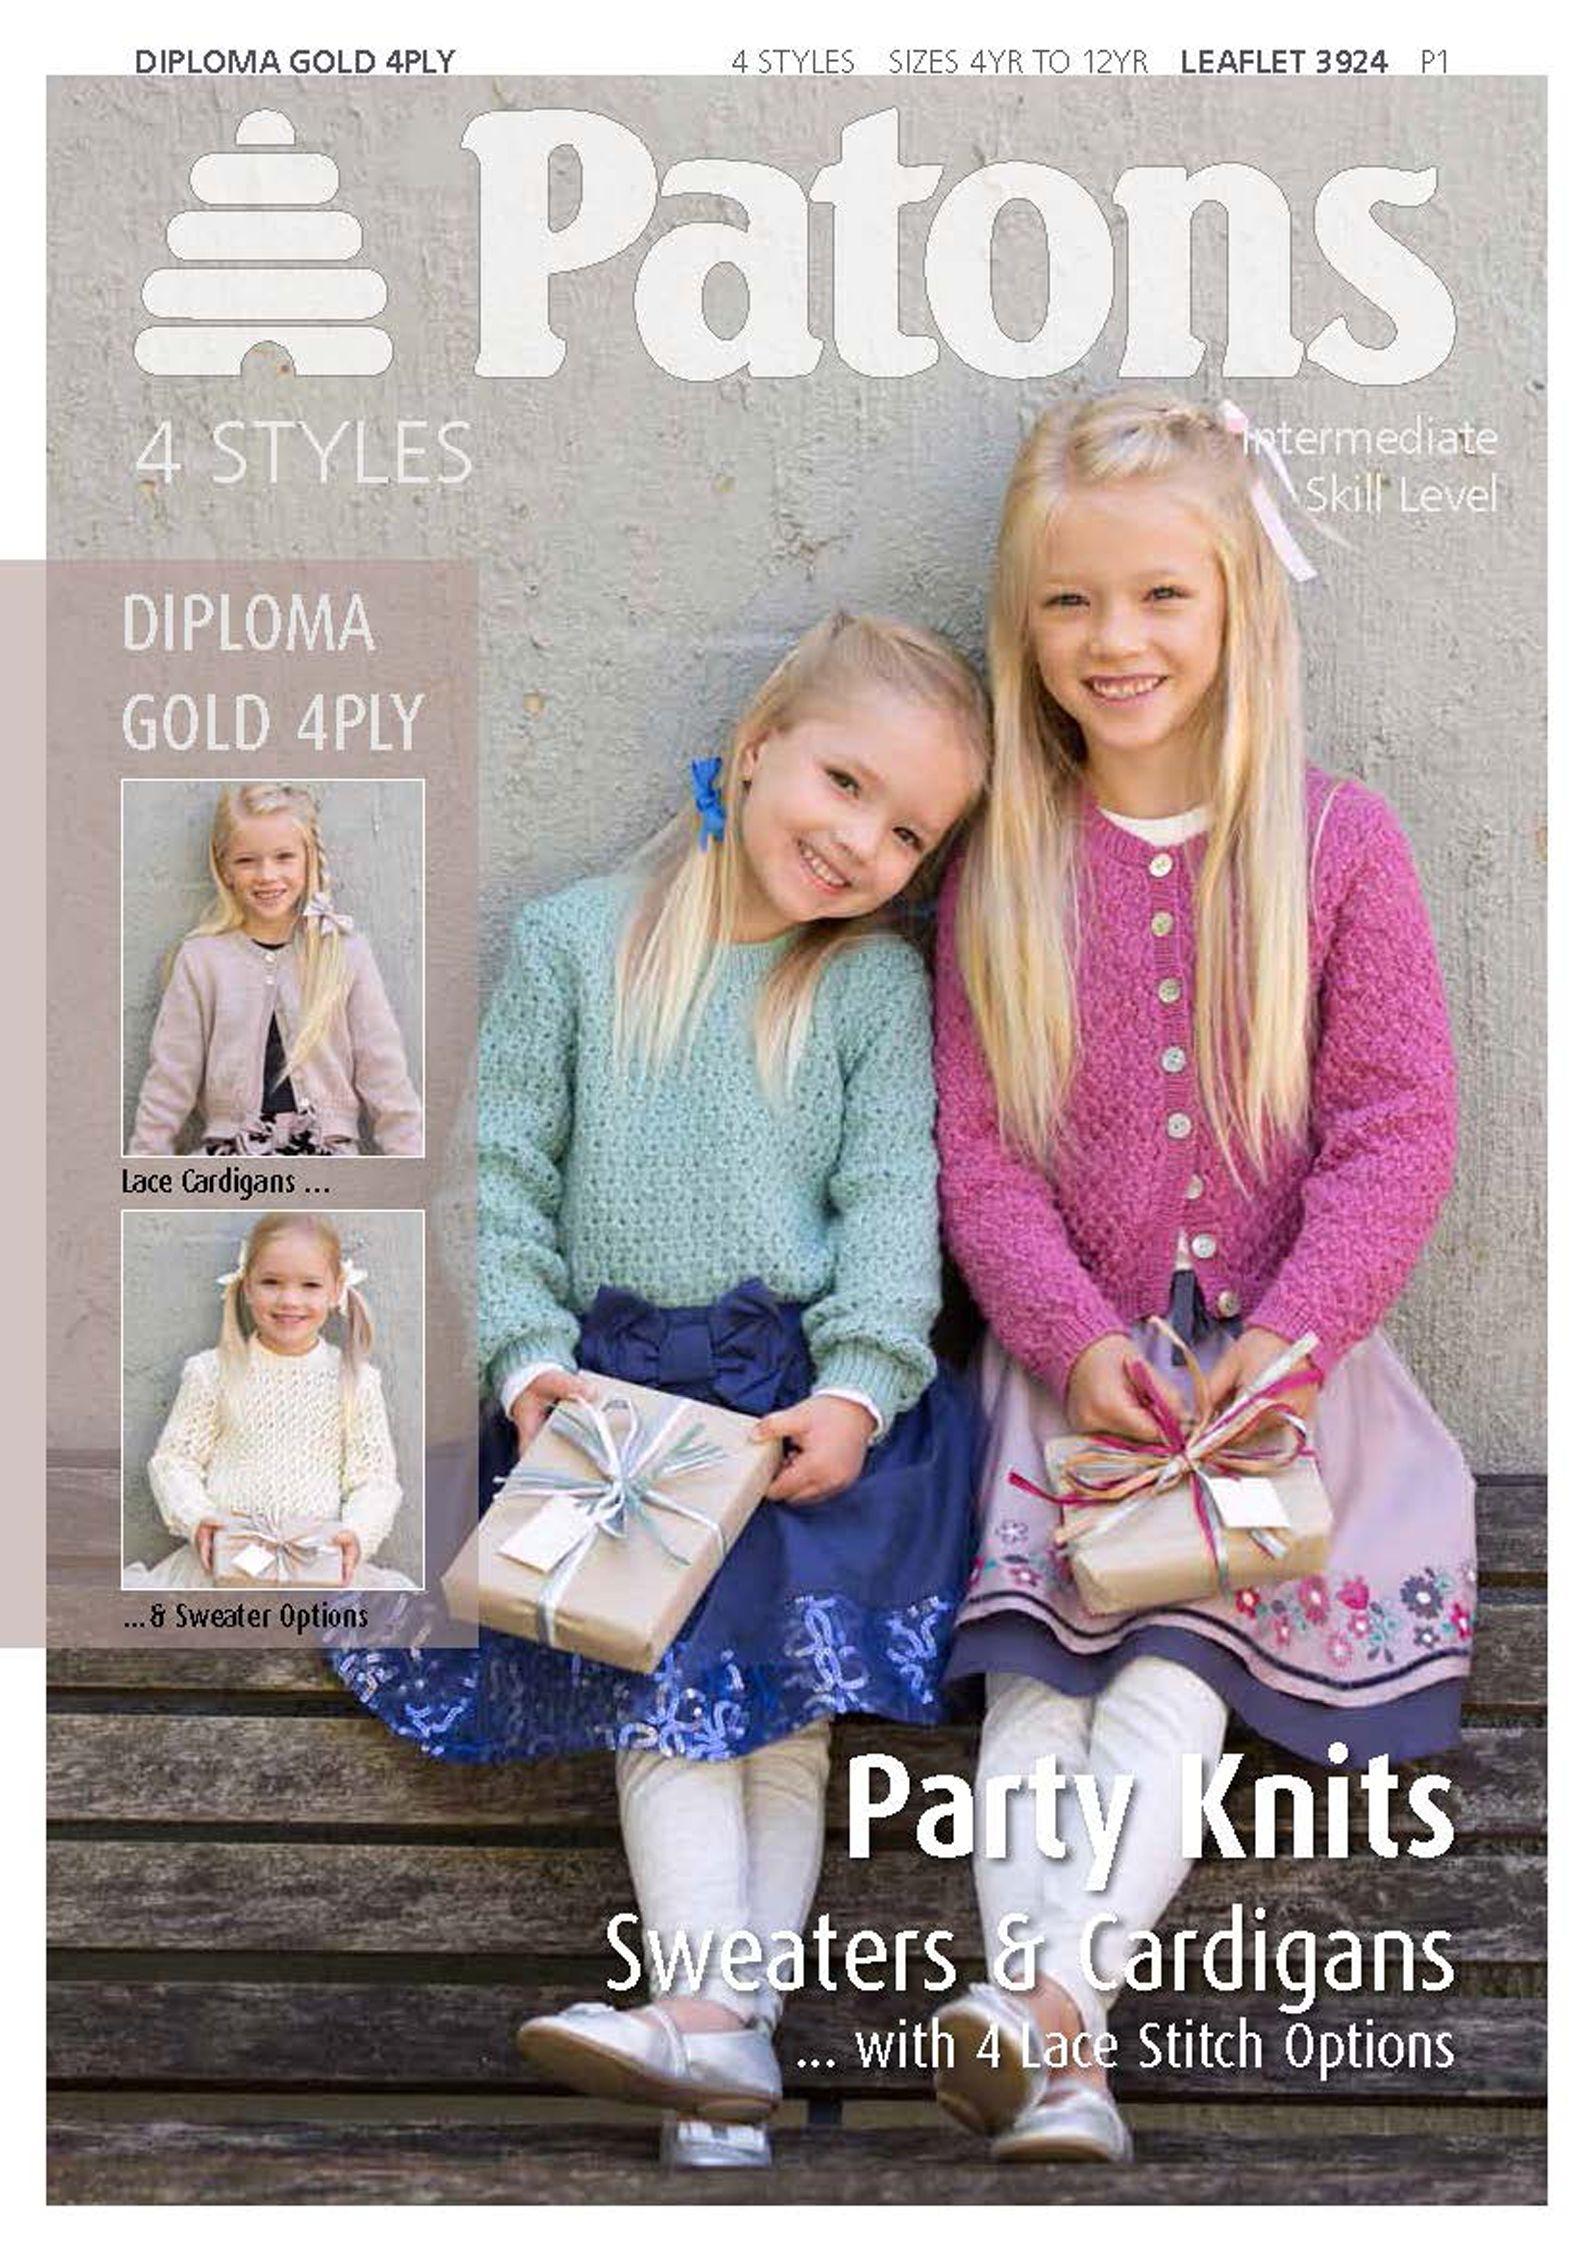 Patons Yarn Girls Party Knitting Pattern at John Lewis